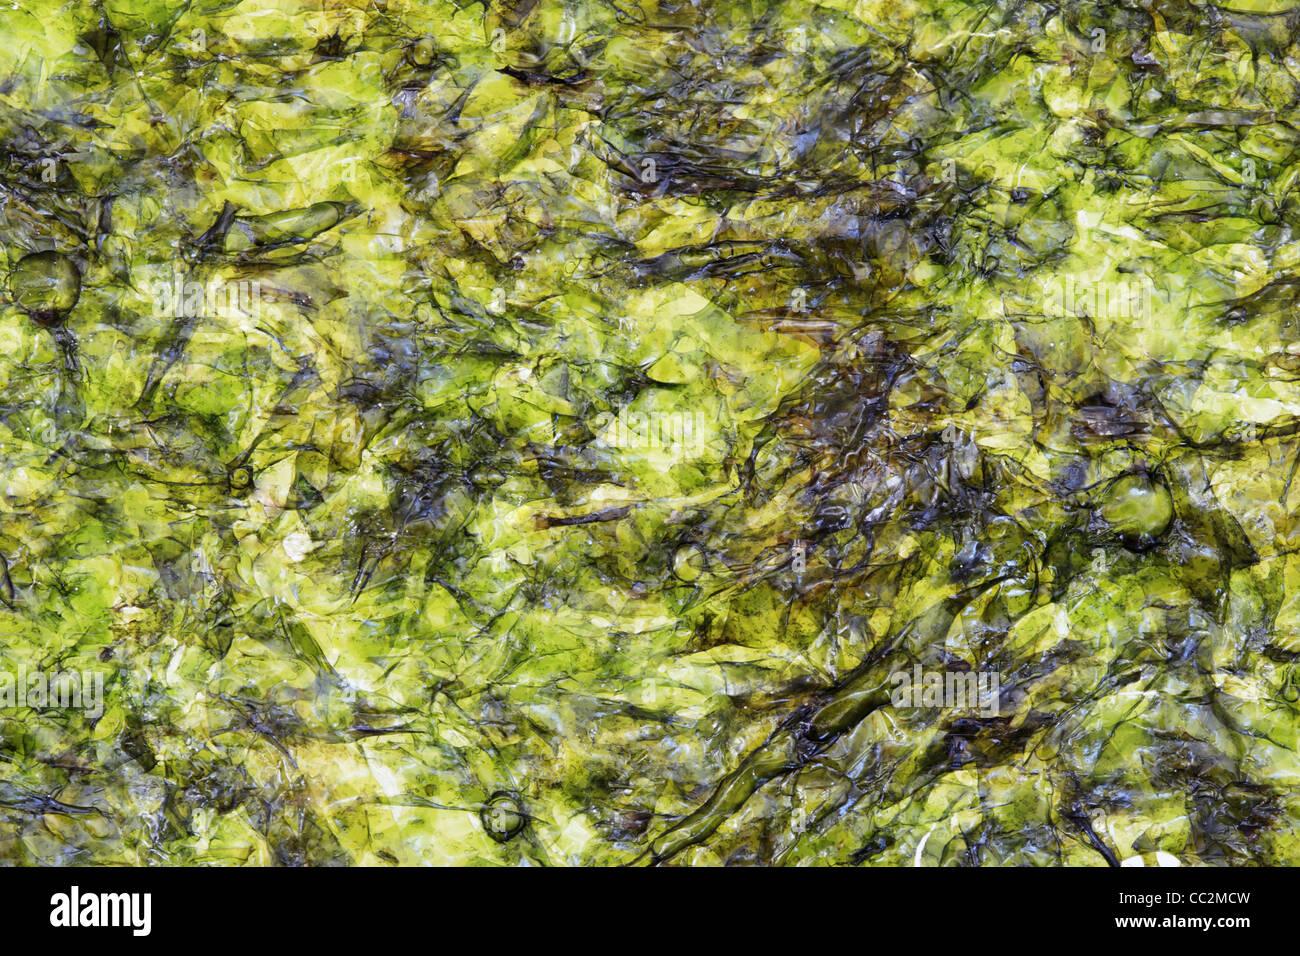 macro image of nori pressed seaweed sheet - Stock Image